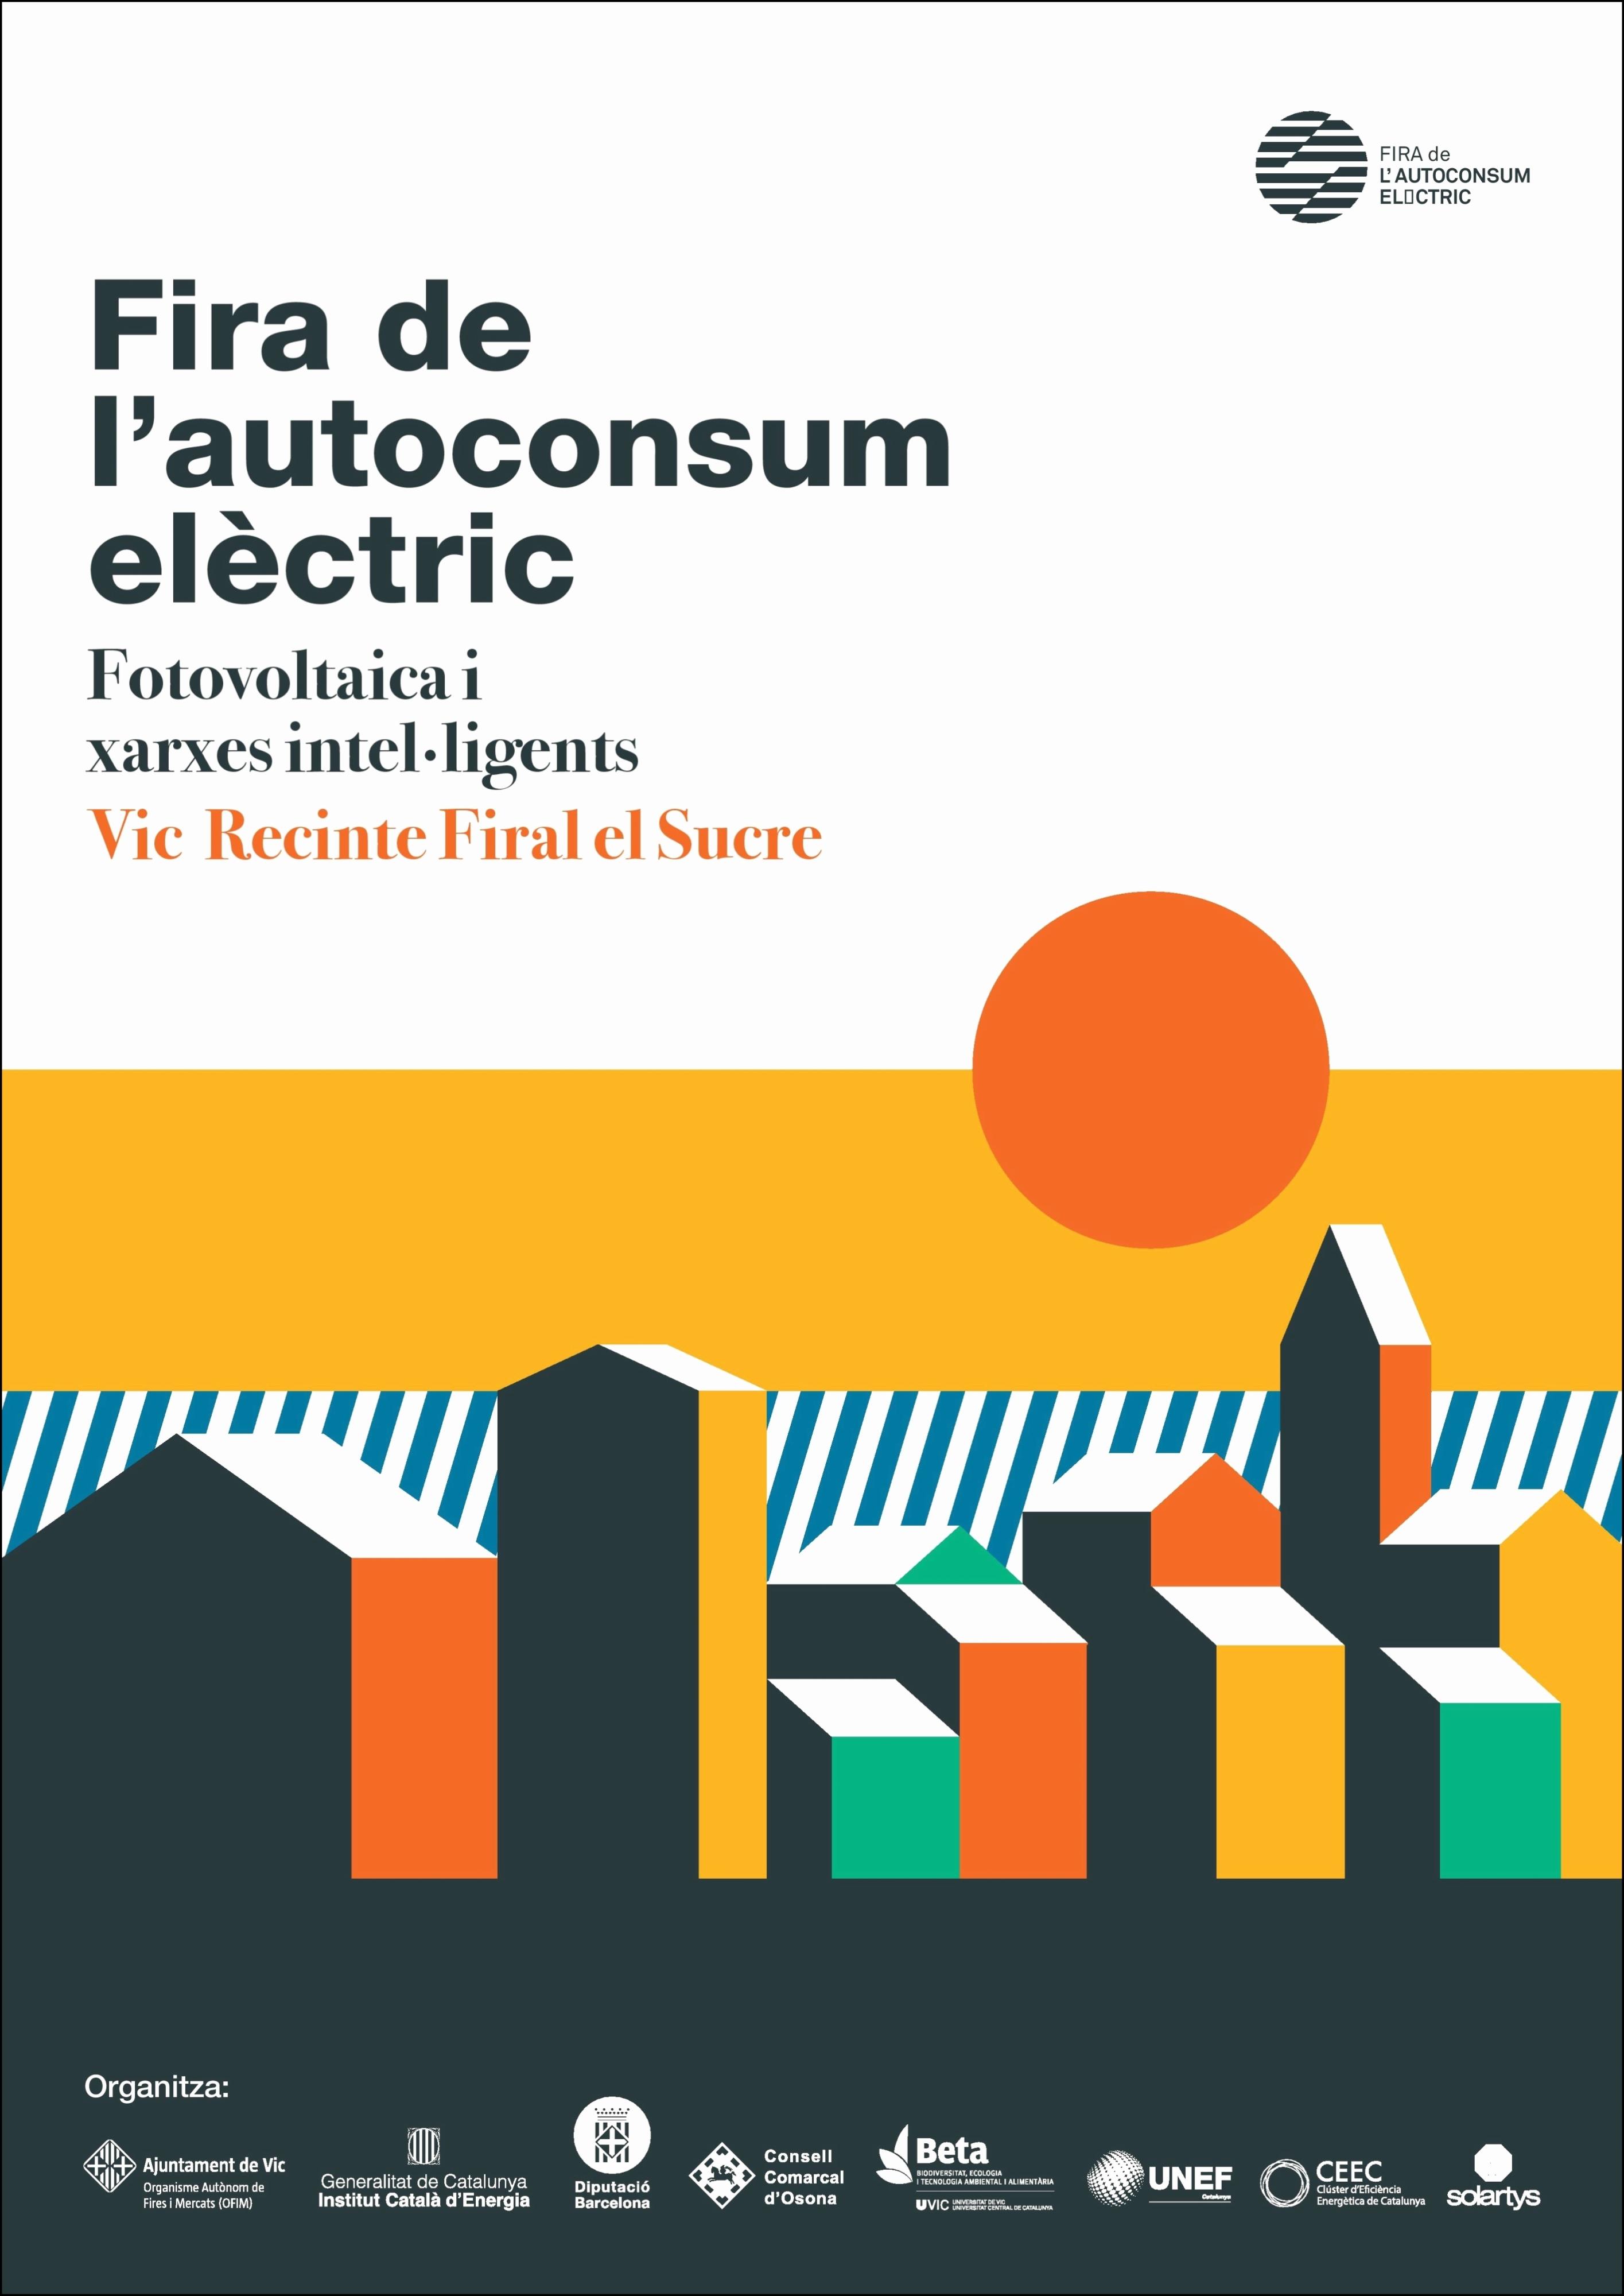 Fira de l'Autoconsum Elèctric